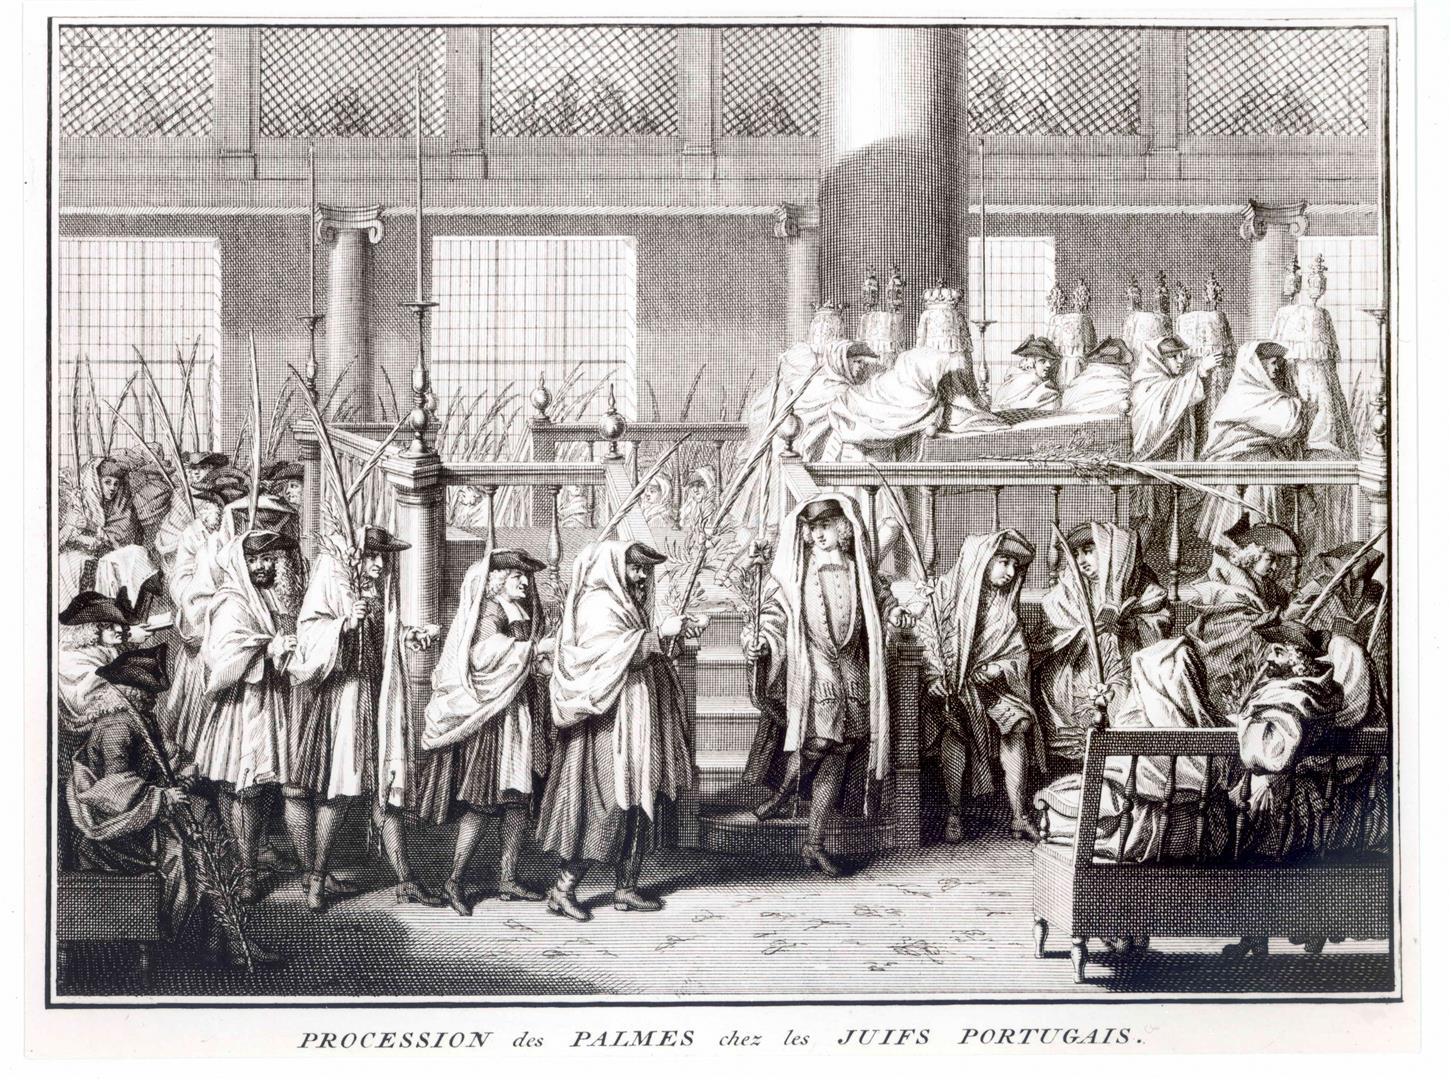 Soukkhot Bernard Picart, Antoine Auguste Procession des palmes chez les Juifs portugais Bruzen de La Martiniere - 1721